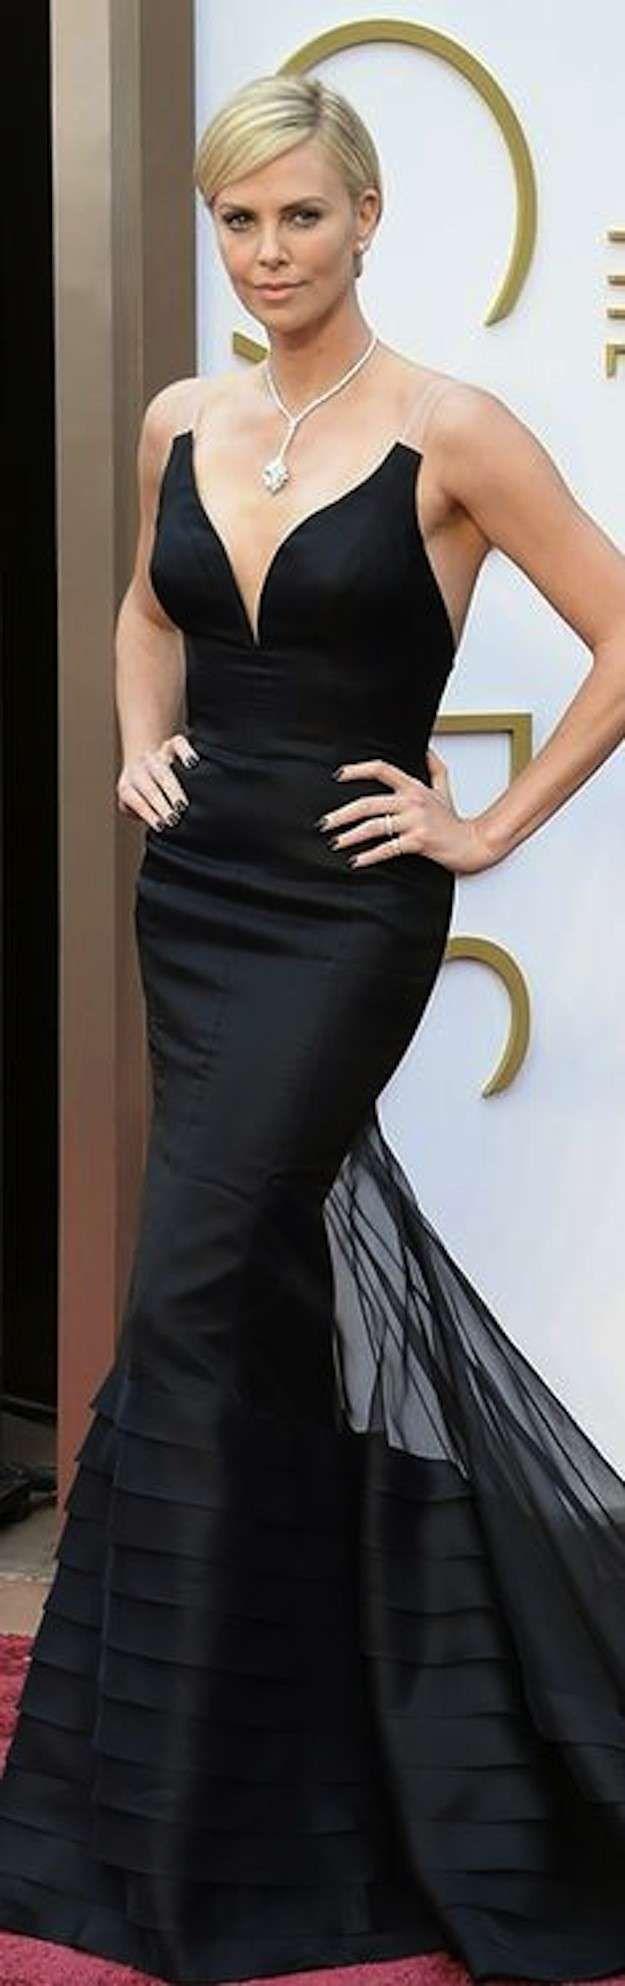 Las 50 mujeres más elegantes del mundo: fotos de las más elegantes - Charlize Theron